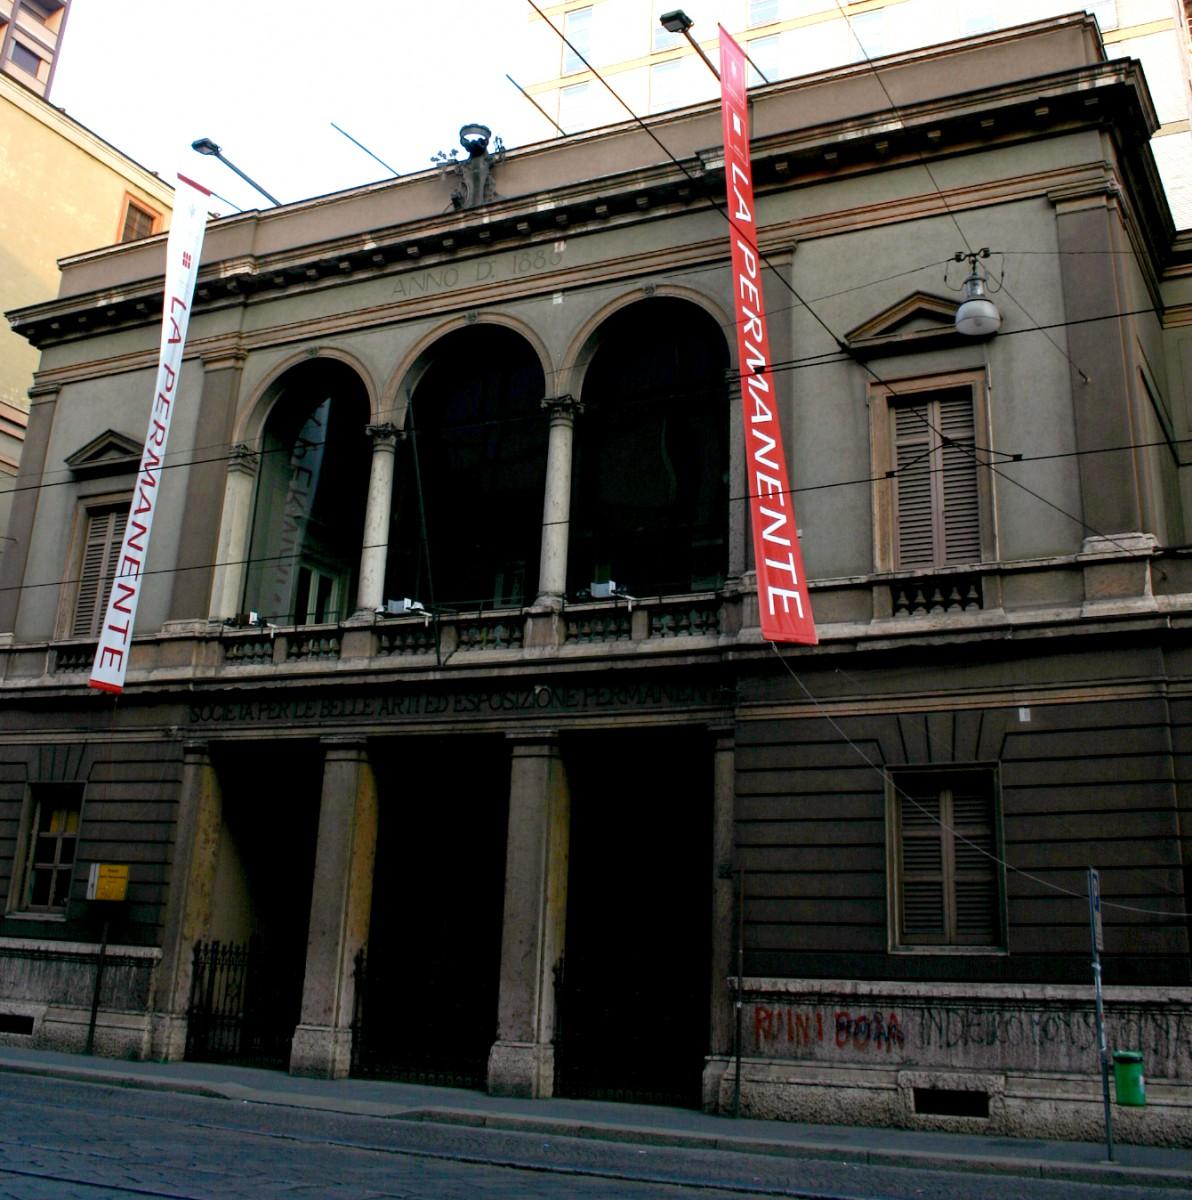 Palazzo_della_Permanente